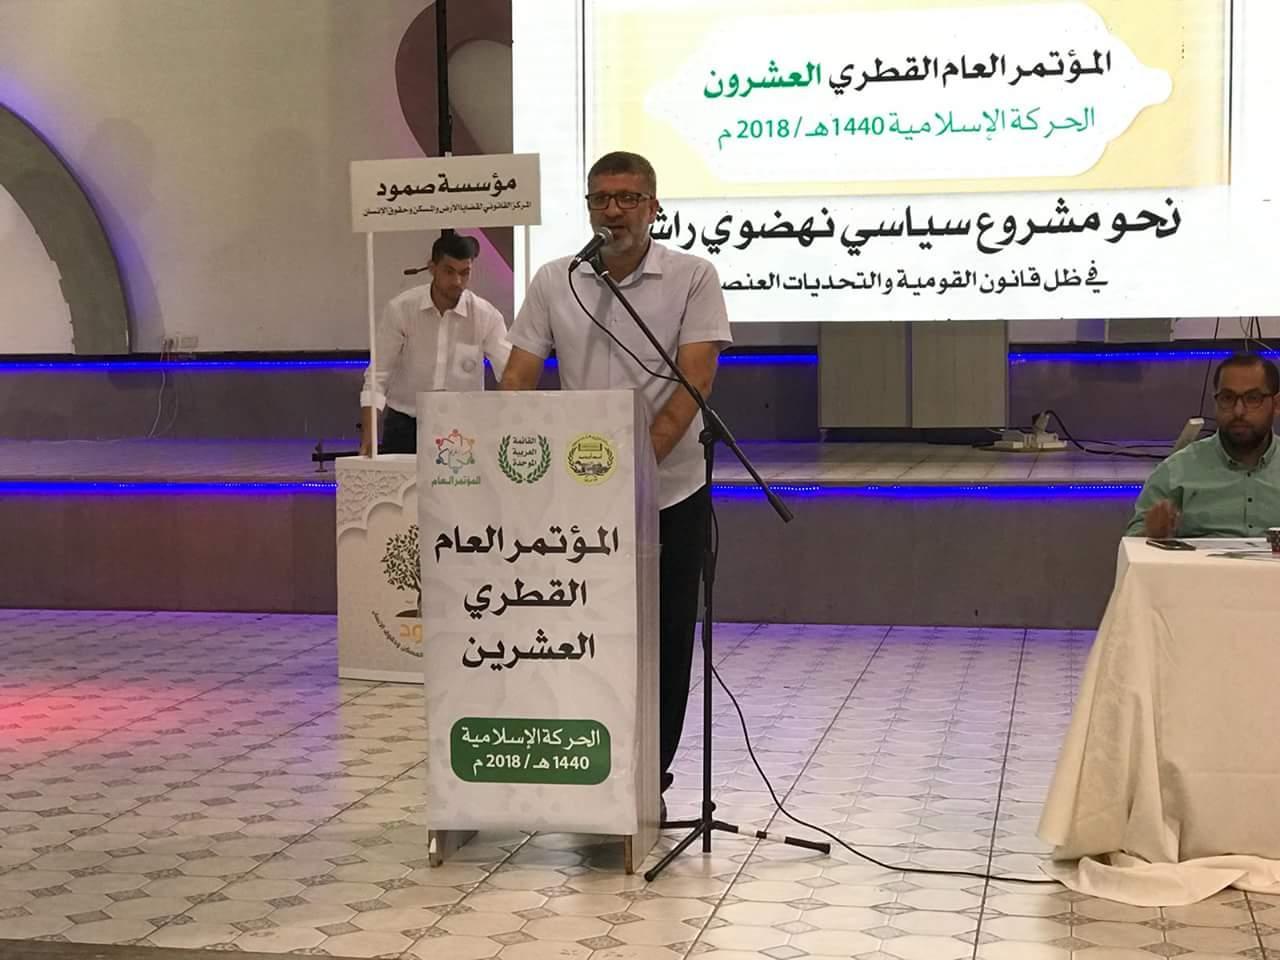 الحركة الإسلامية تنتخب منصور عباس رئيسا للقائمة الموحدة